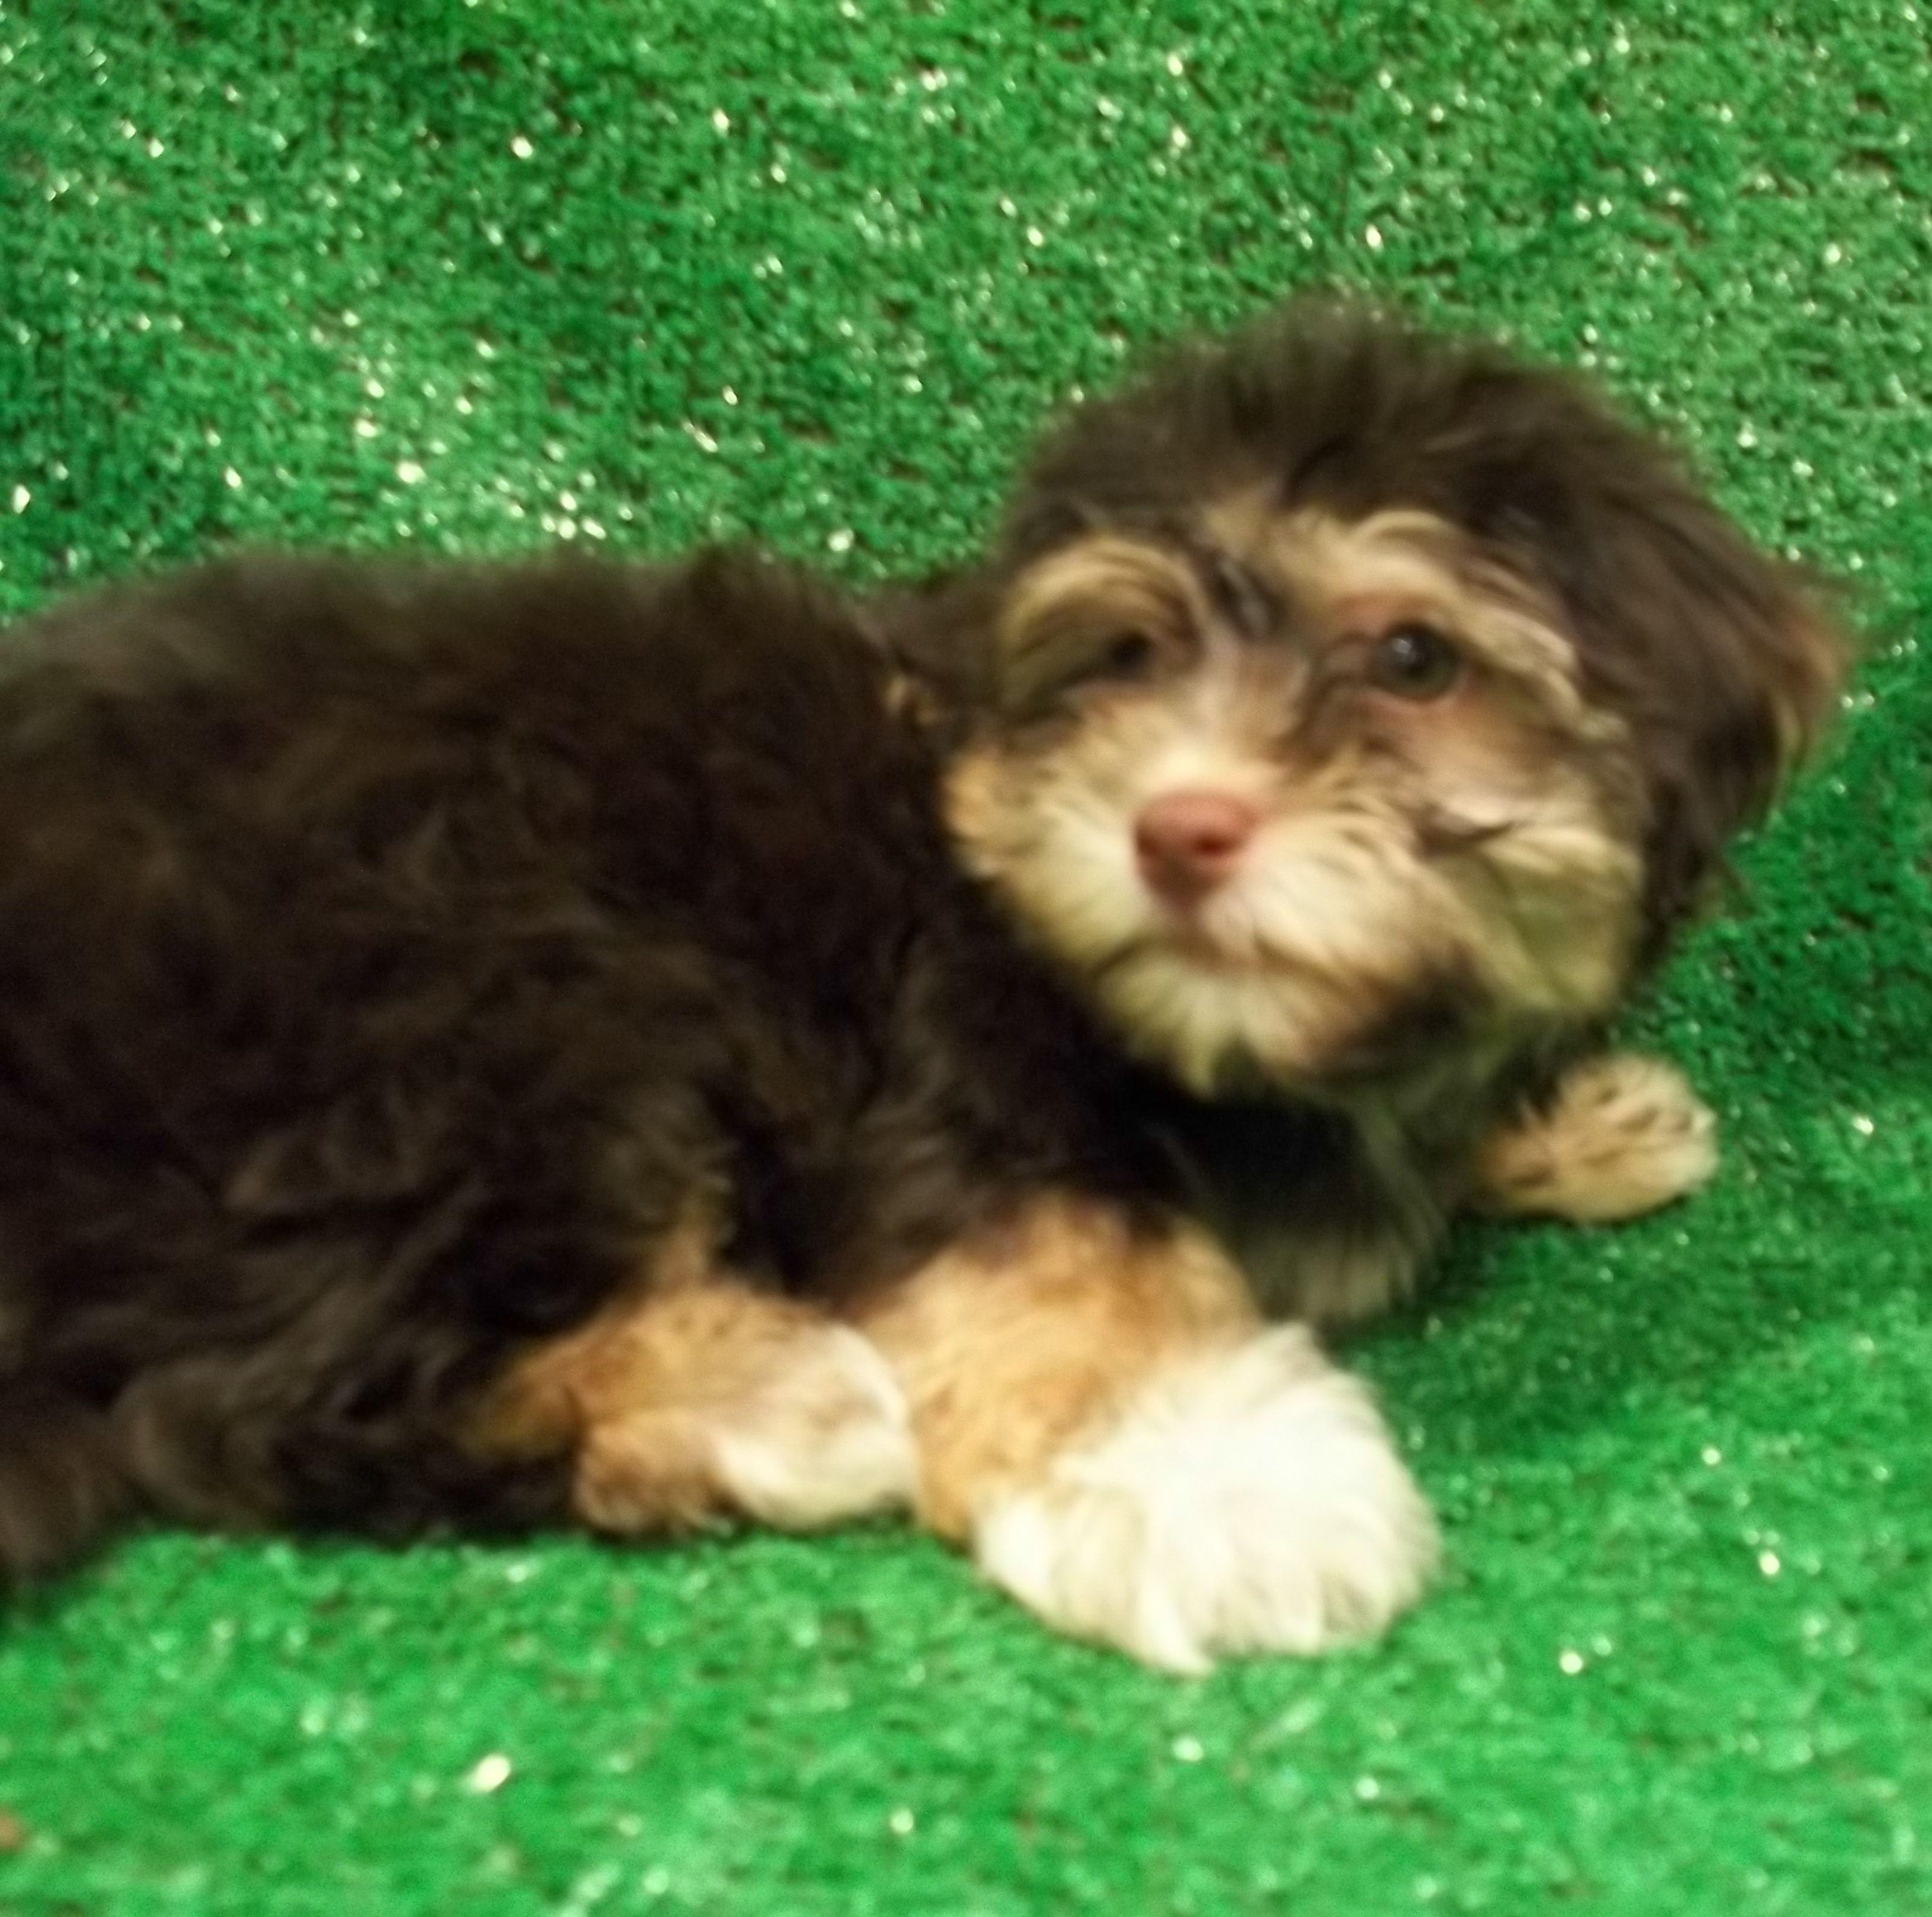 Havanese 3012 Havanese, Puppies, Puppy adoption